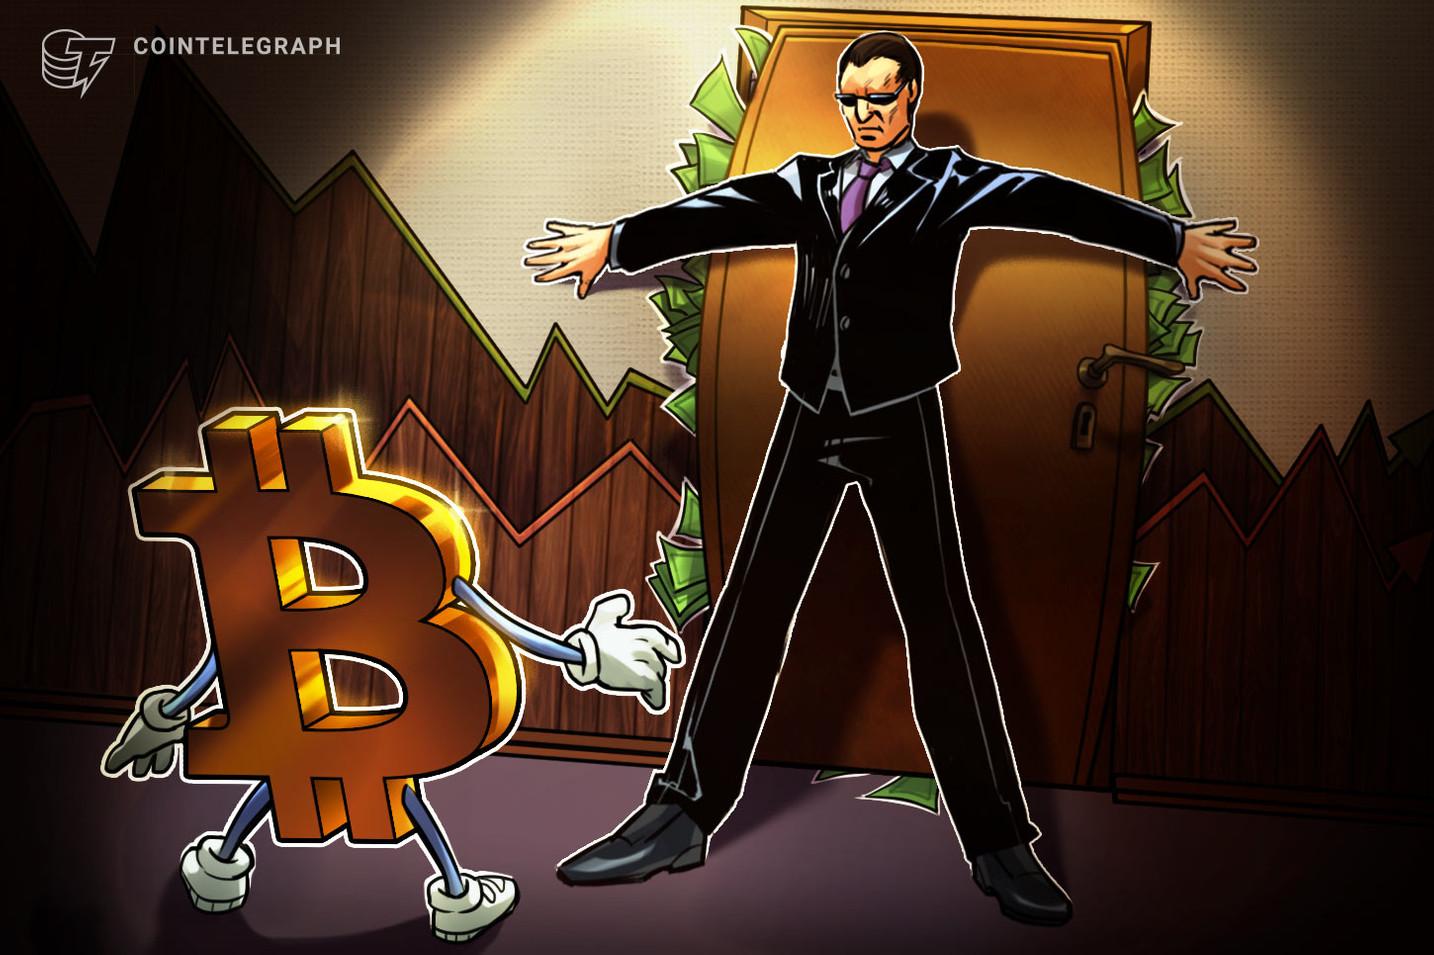 Oficial holandês pede proibição total imediata de mineração, negociação e posse de Bitcoin